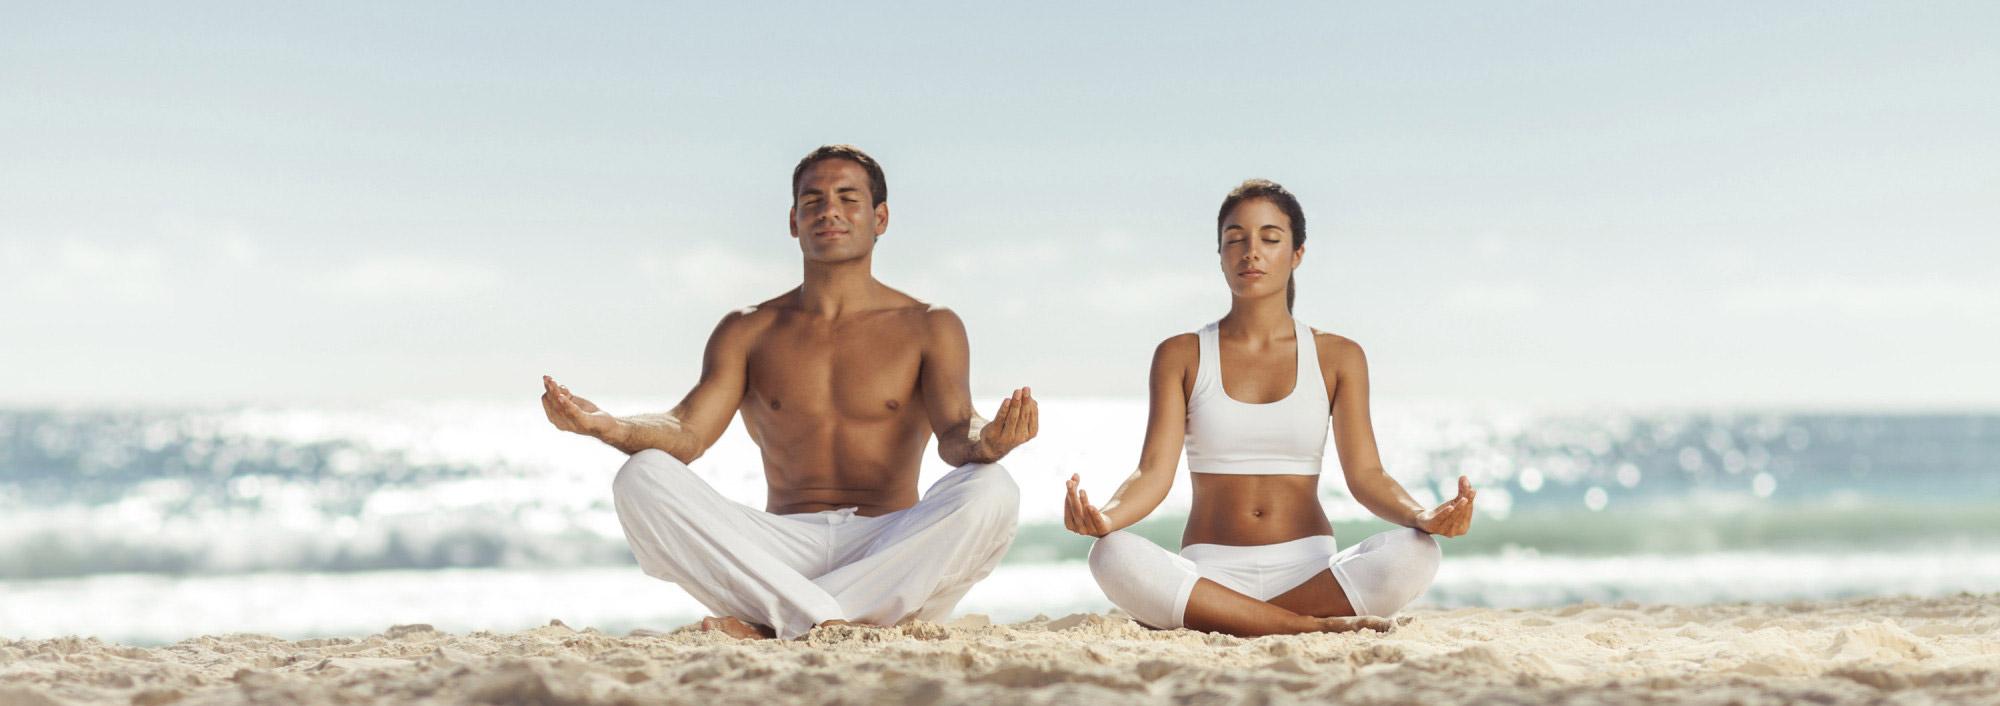 Naked Yoga La 31